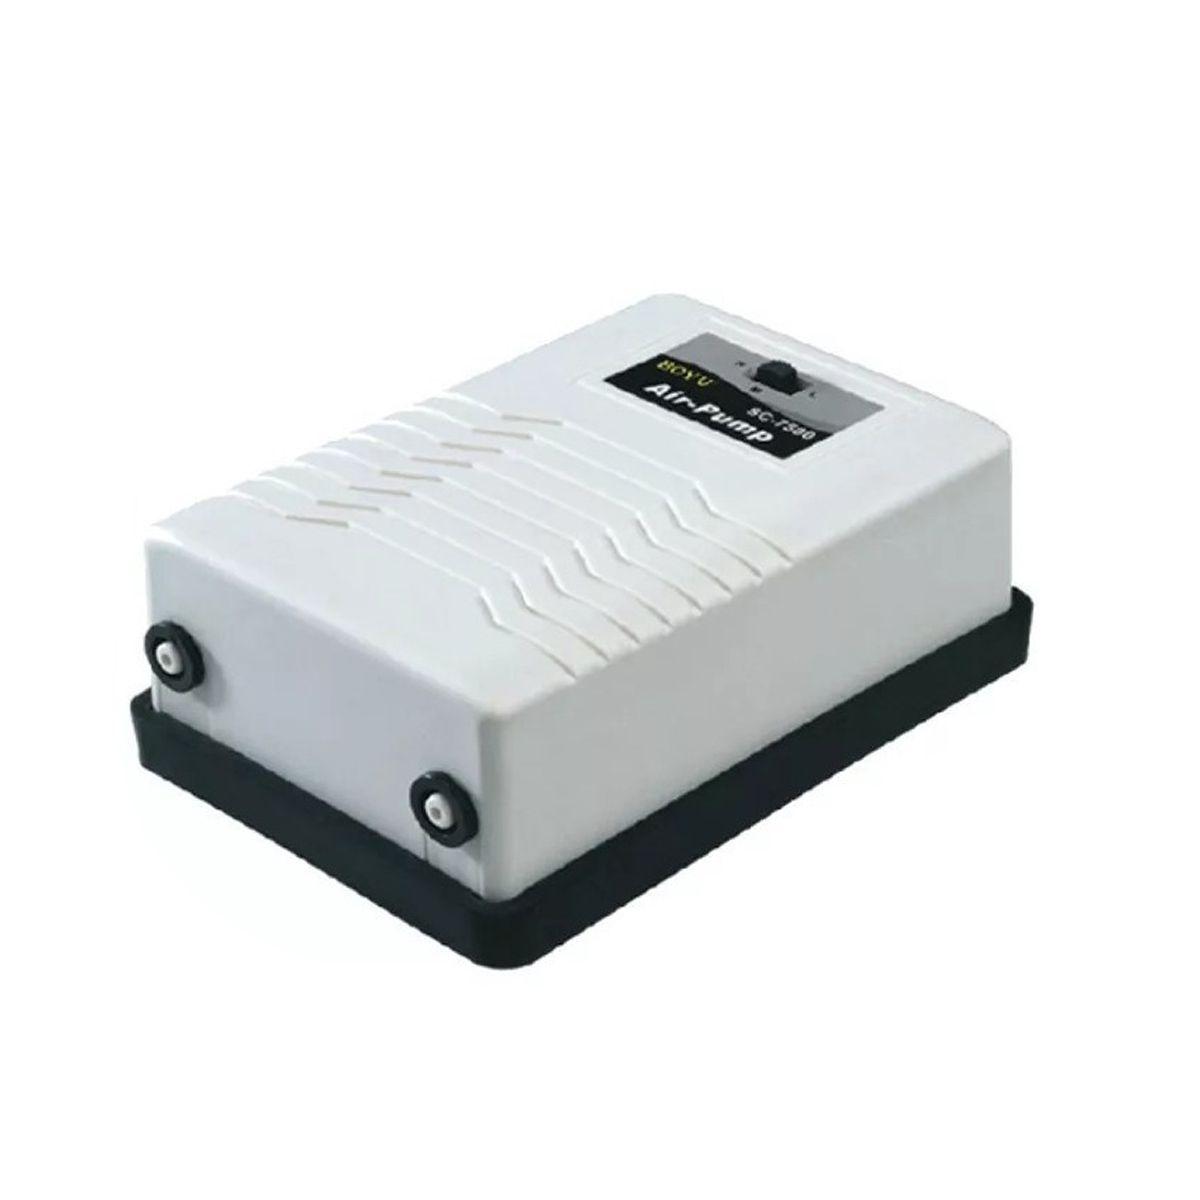 COMPRESSOR DE AR BOYU SC-7500 2X3L/MIN C/ 2 SAIDAS 220V